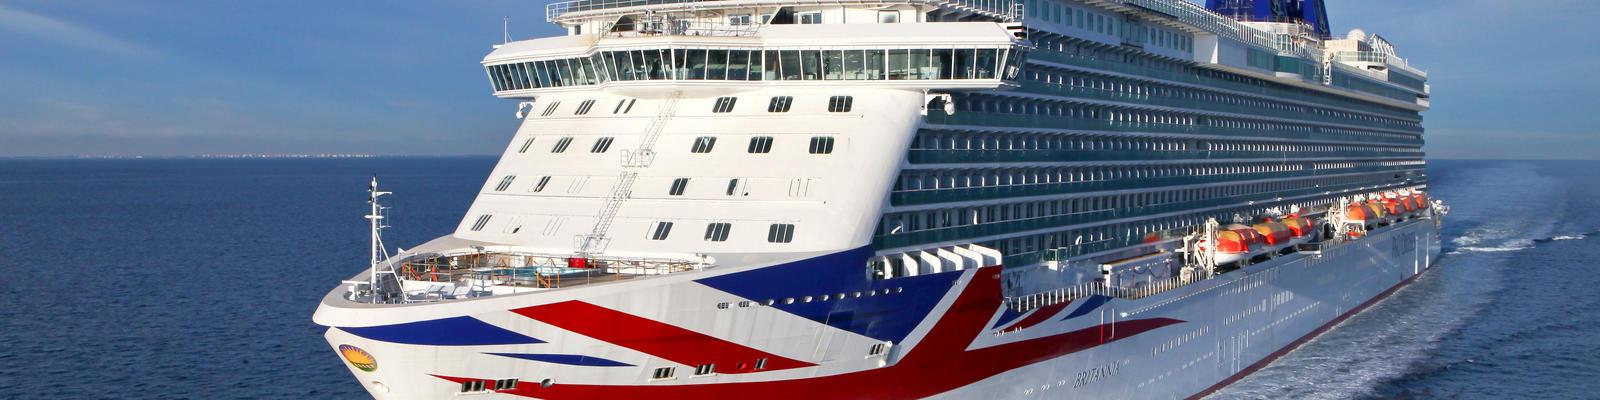 Britannia (Photo: P&O Cruises)